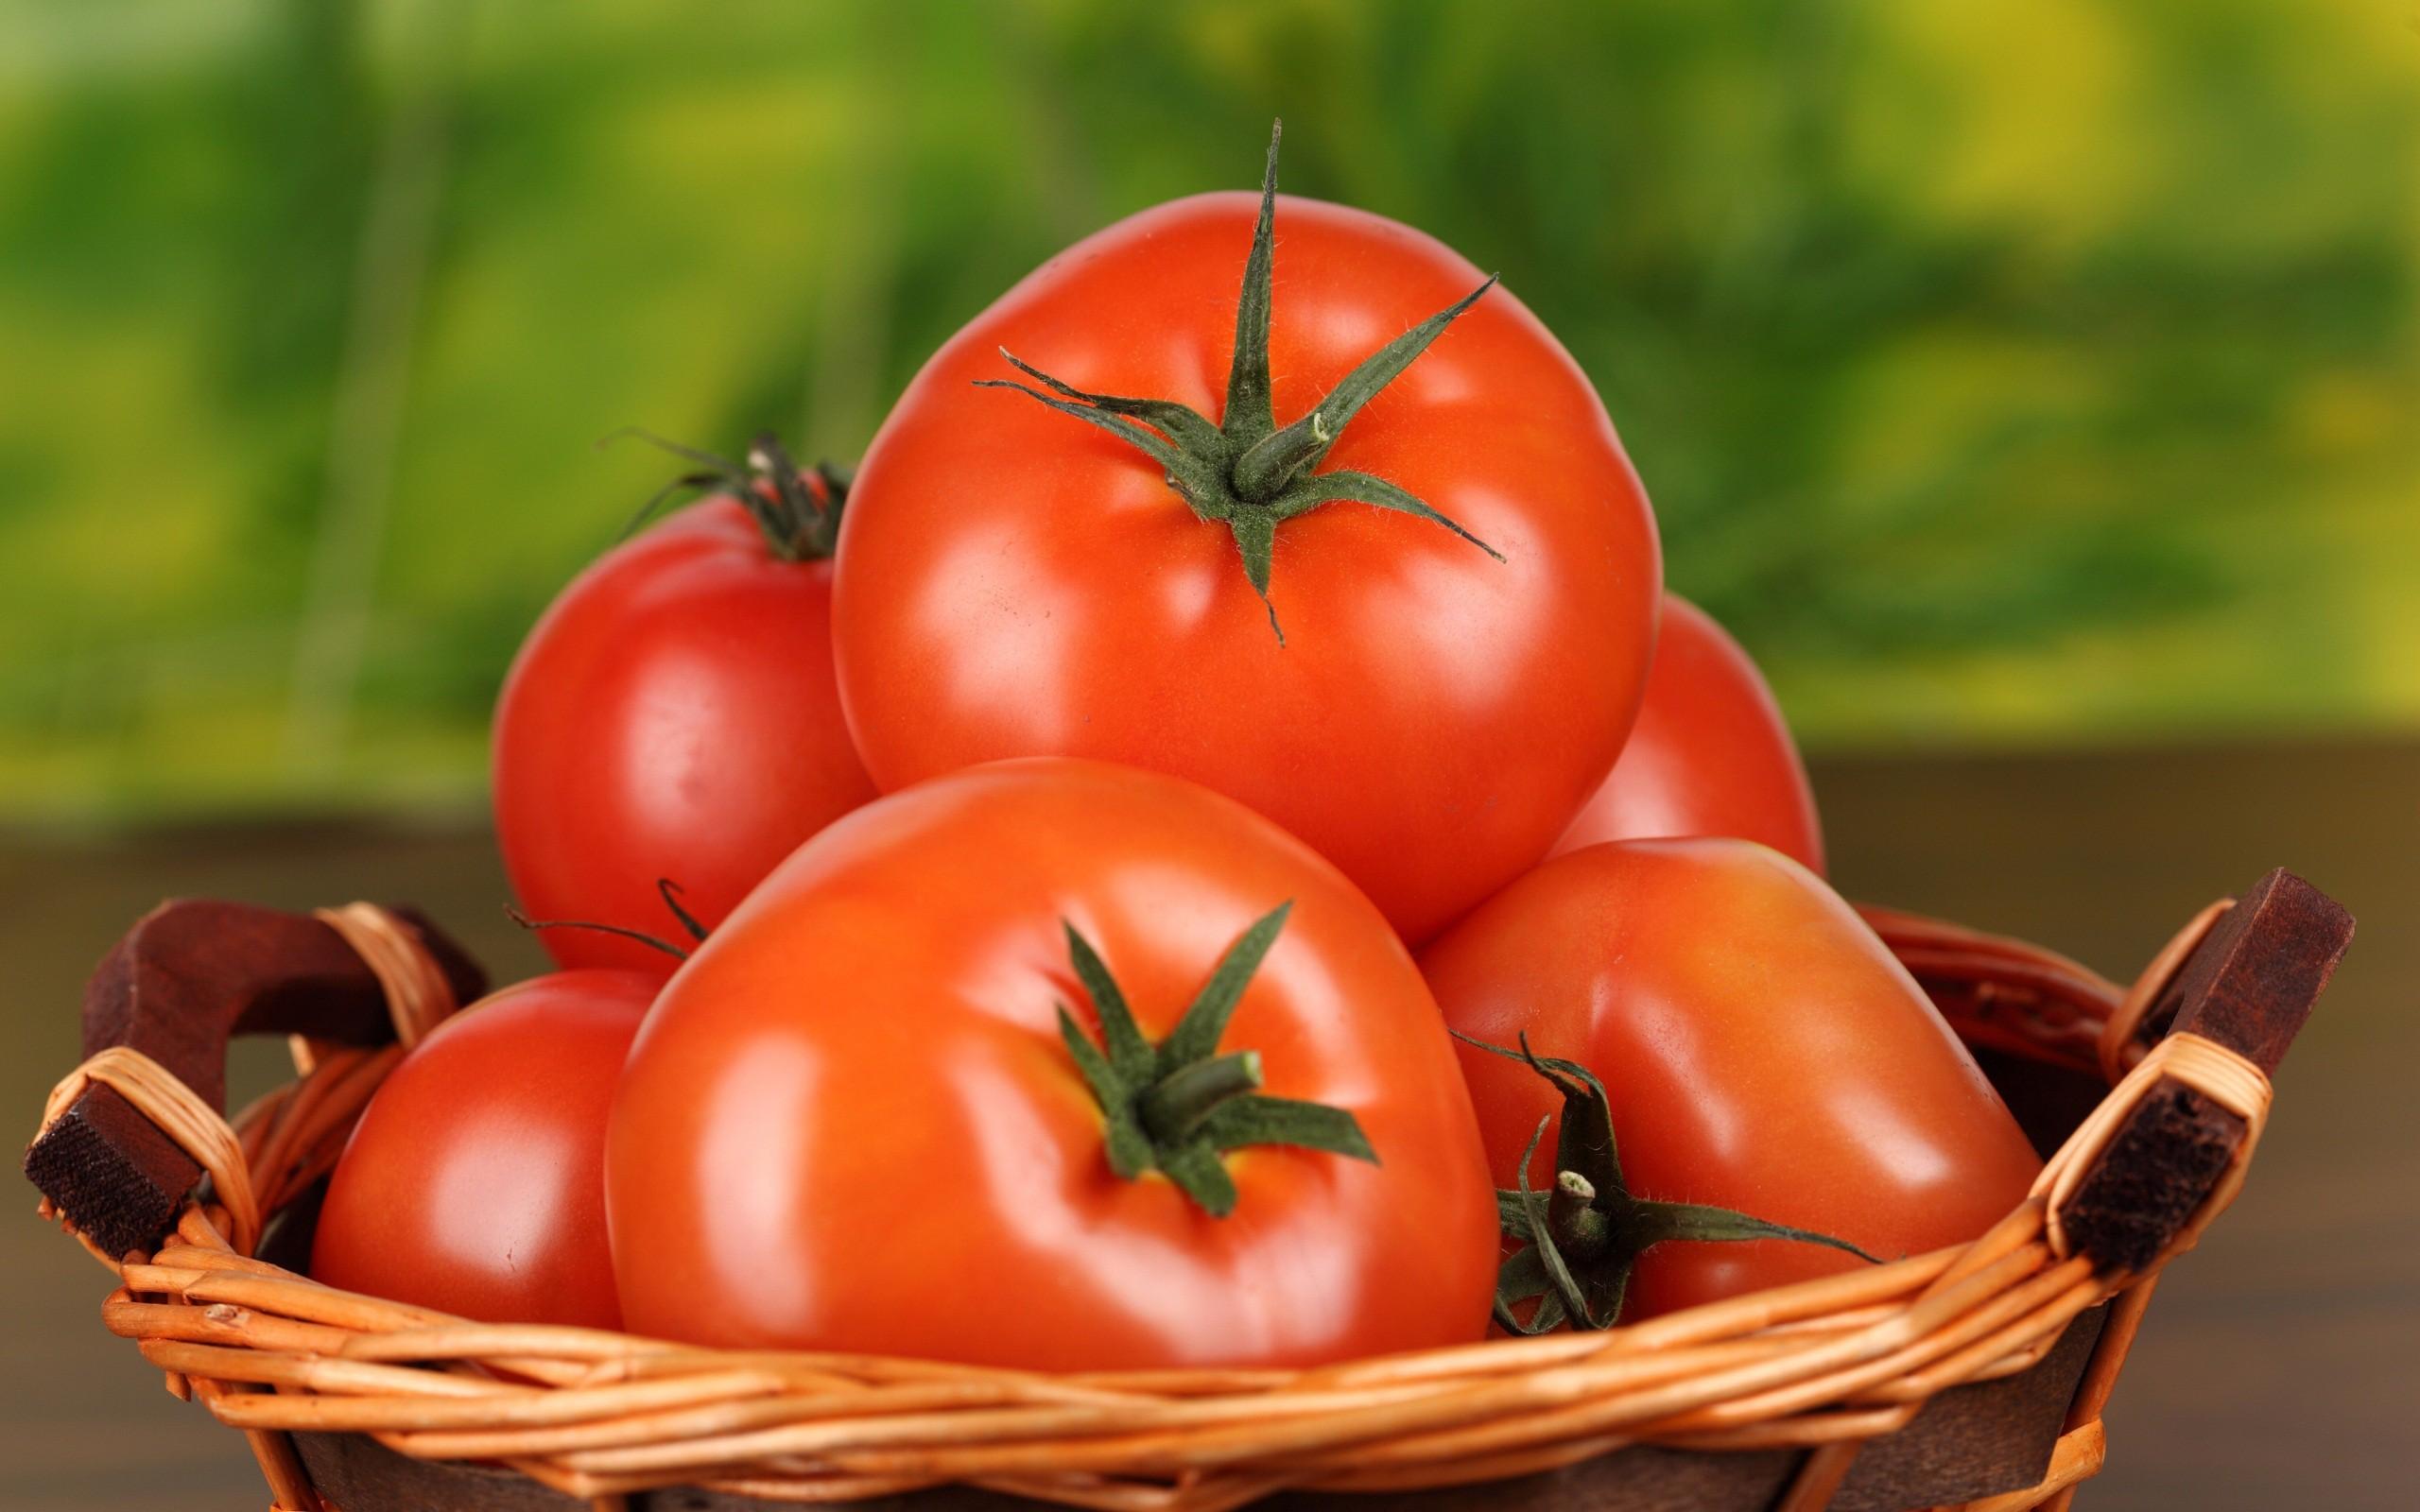 رابطه بین مصرف گوجه فرنگی و سرطان پروستات